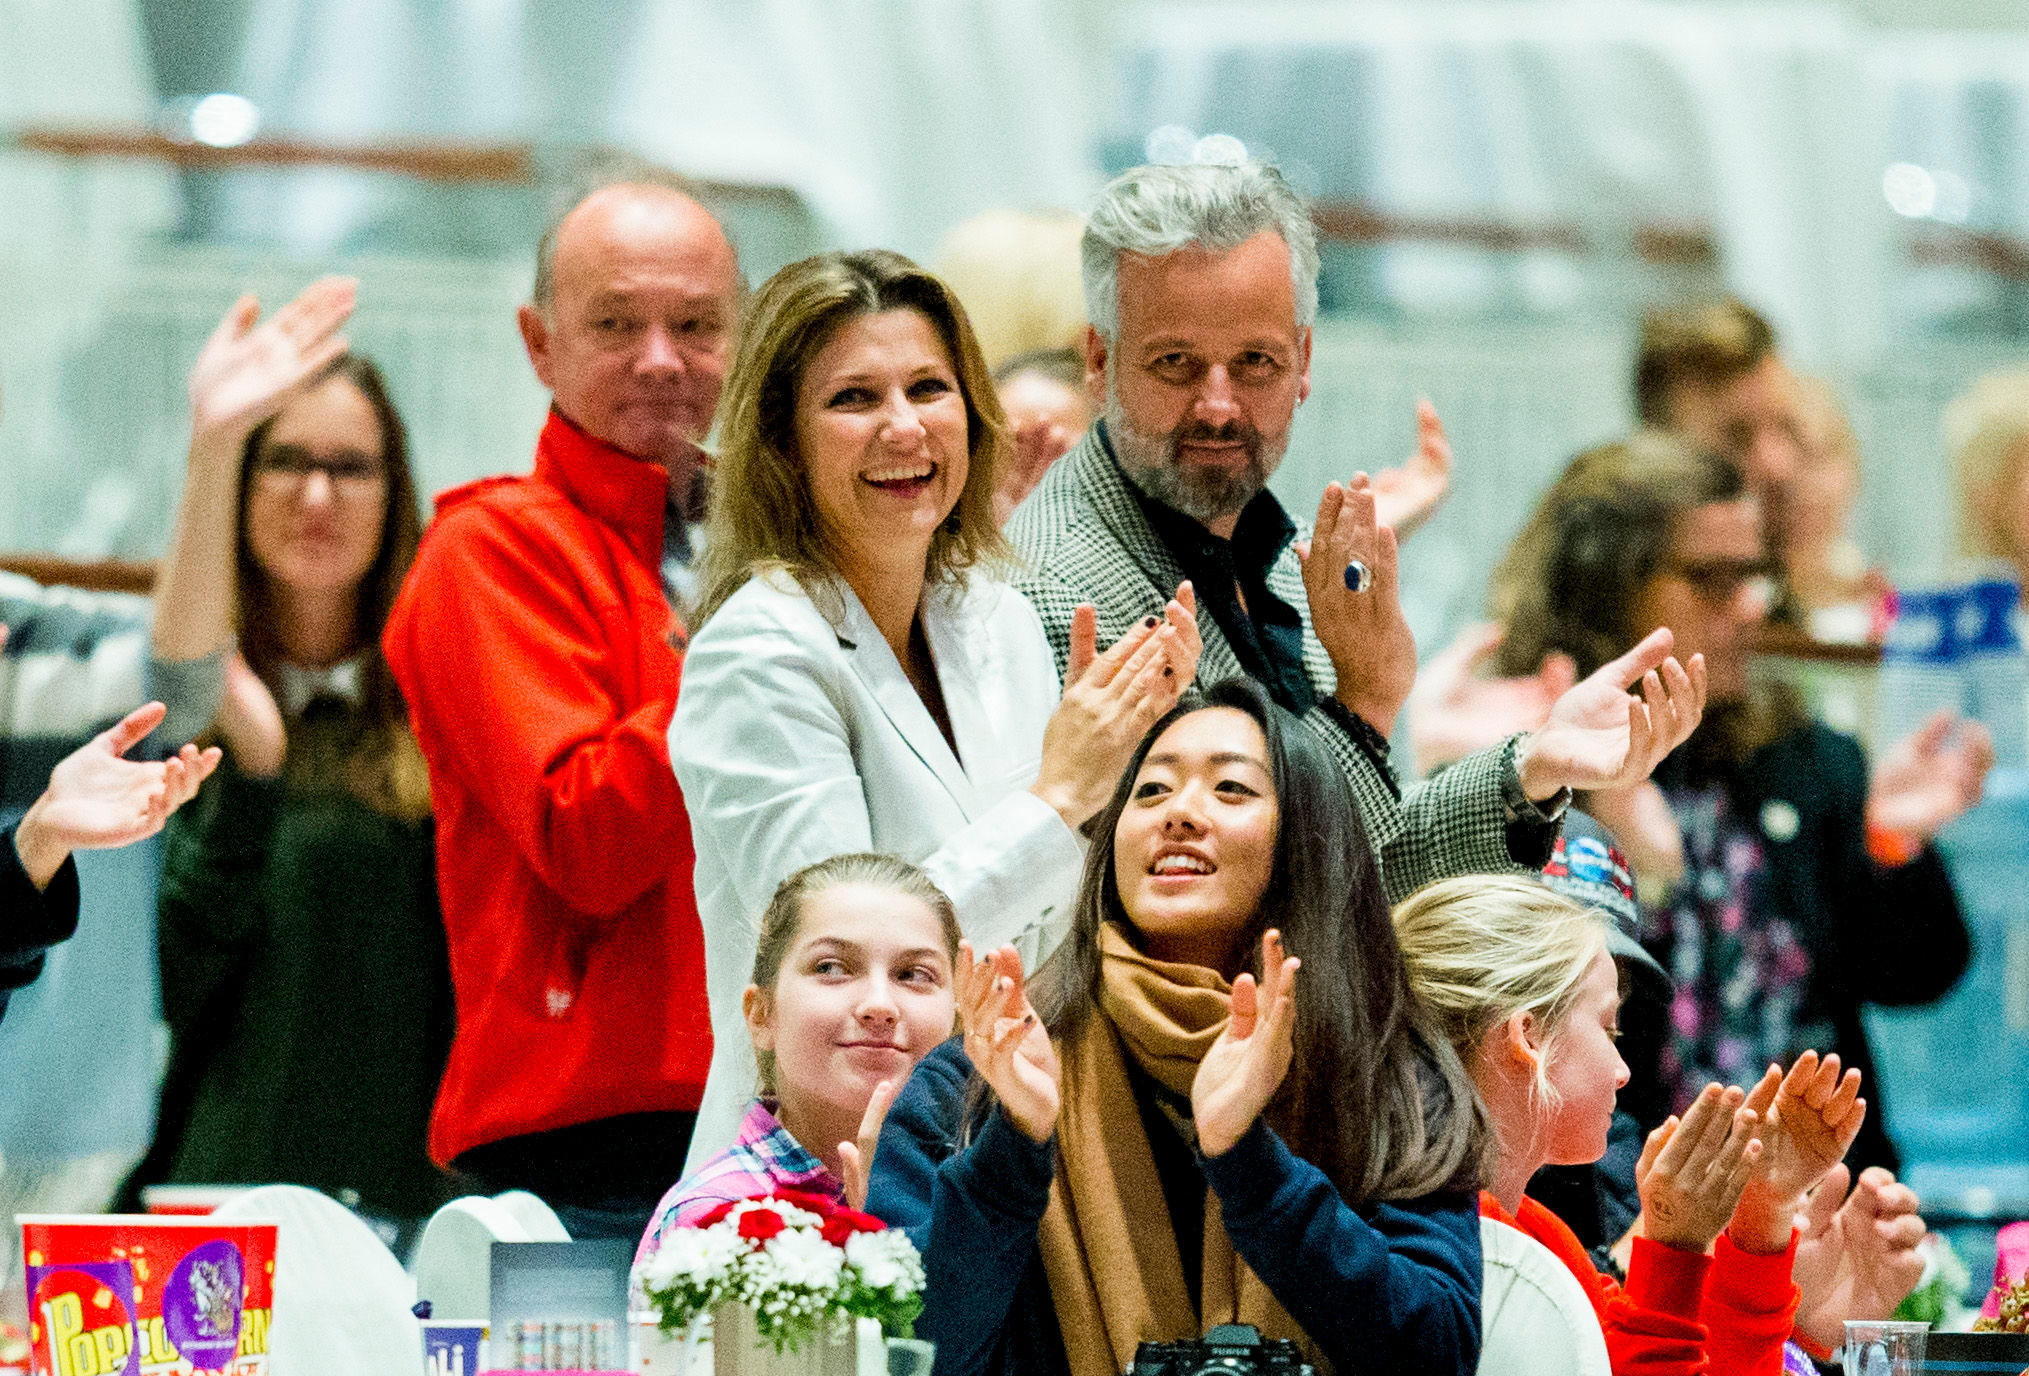 Ari Behn und Prinzessin Märtha Louise Mitte Oktober beim Reitturnier: In Gegenwart der Töchter seien sie nett zueinander, sagt der Autor.